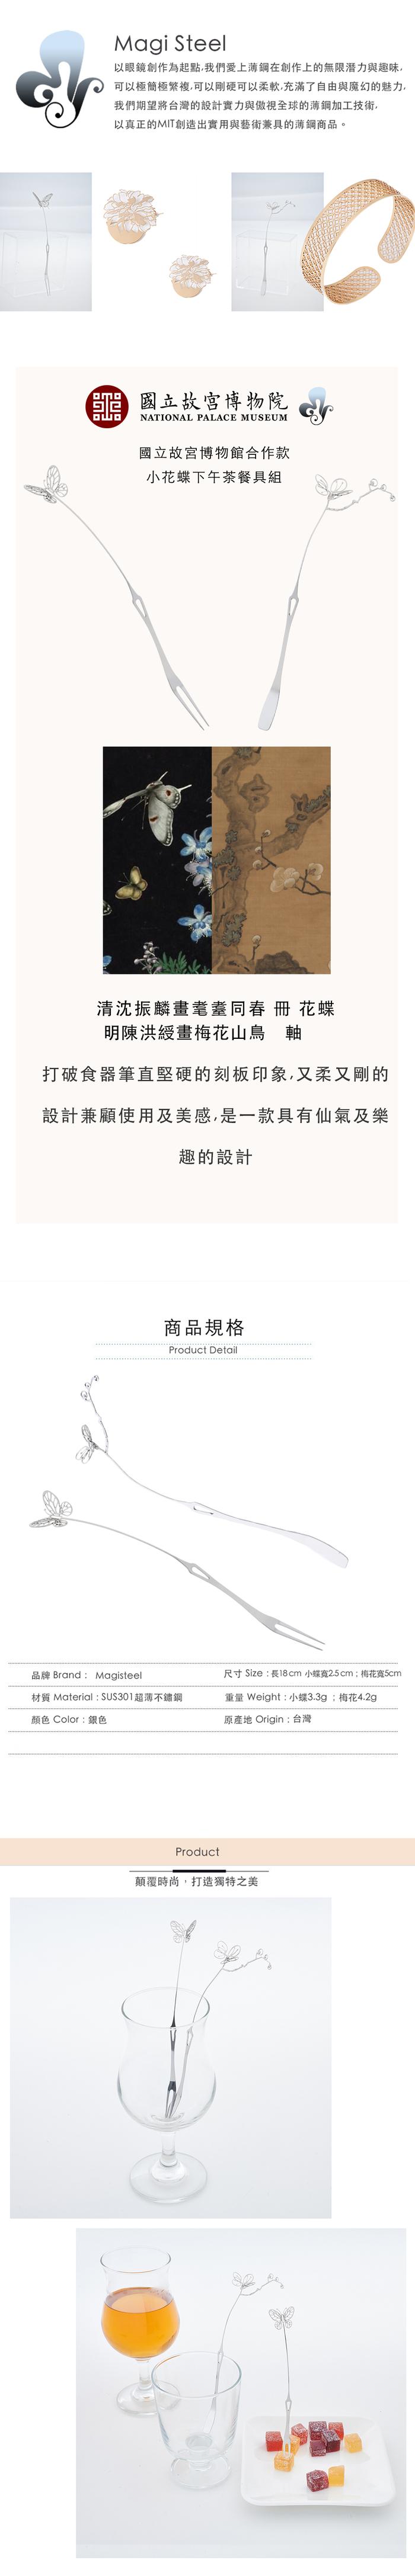 (複製)Magi-Steel 故宮聯名商品 大花蝶下午茶餐具組